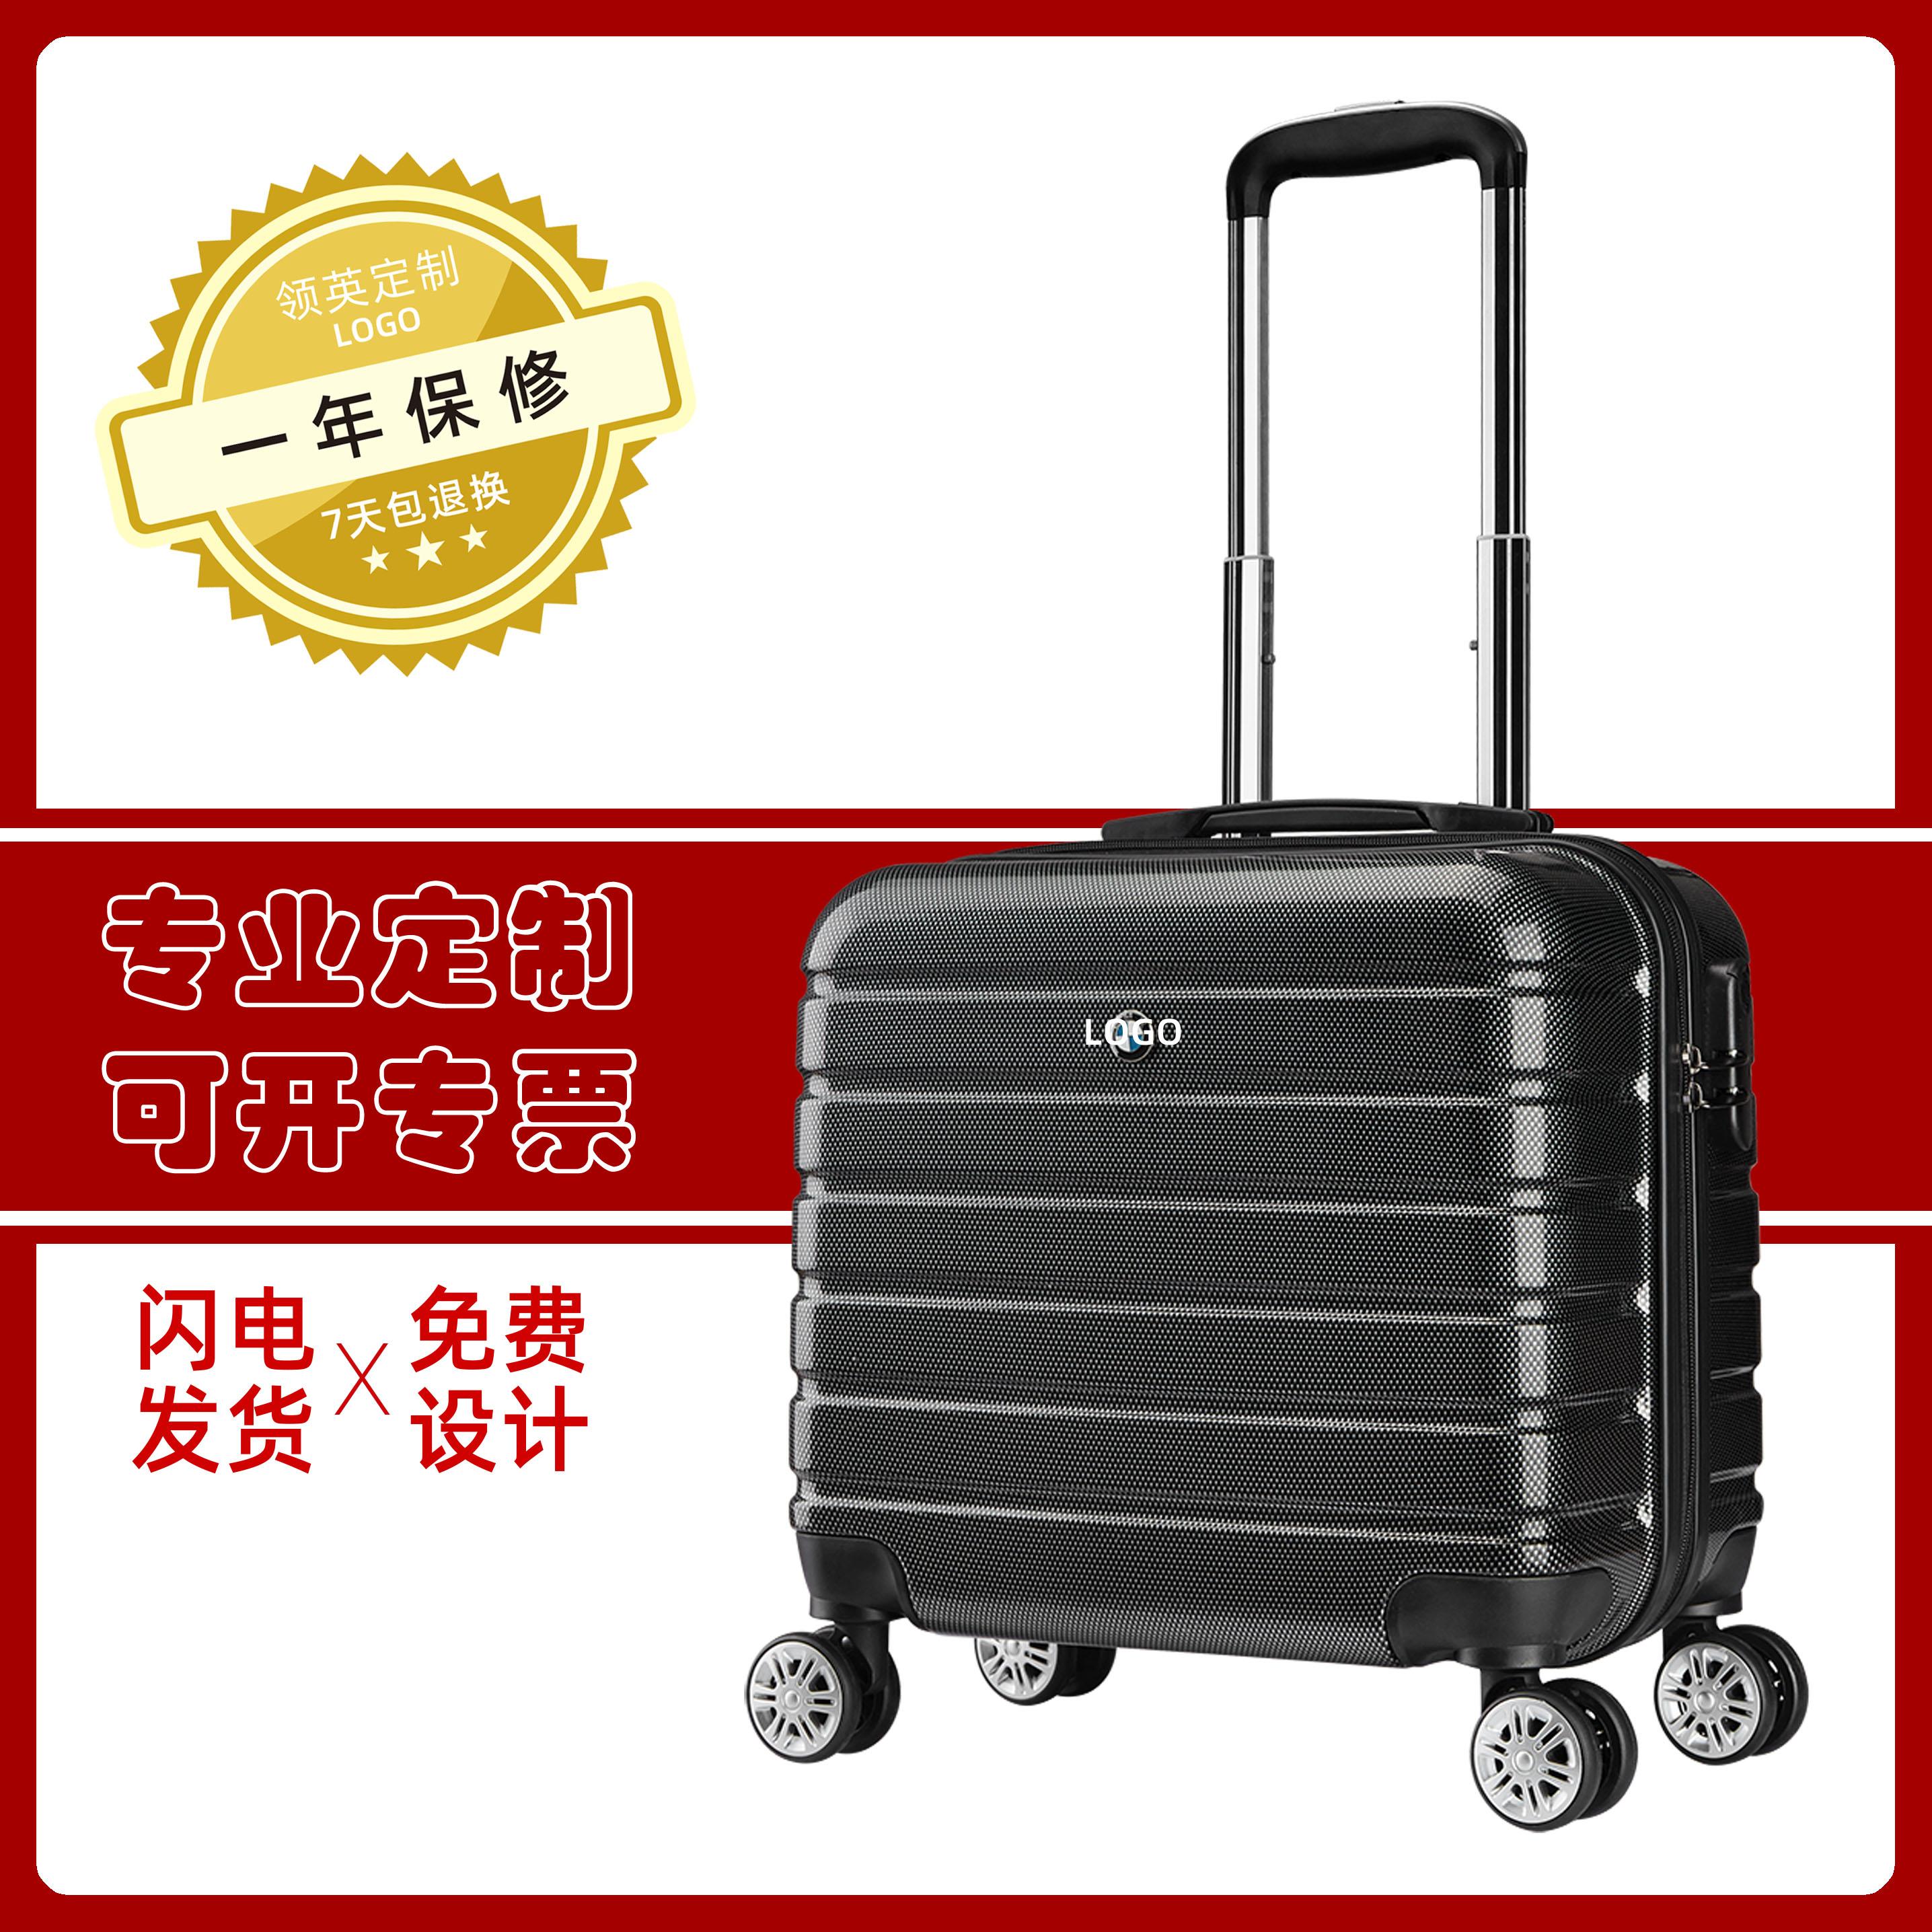 行李箱16寸小箱宝马奔驰4S店热卖旅行礼品登机便携男万向轮箱包邮